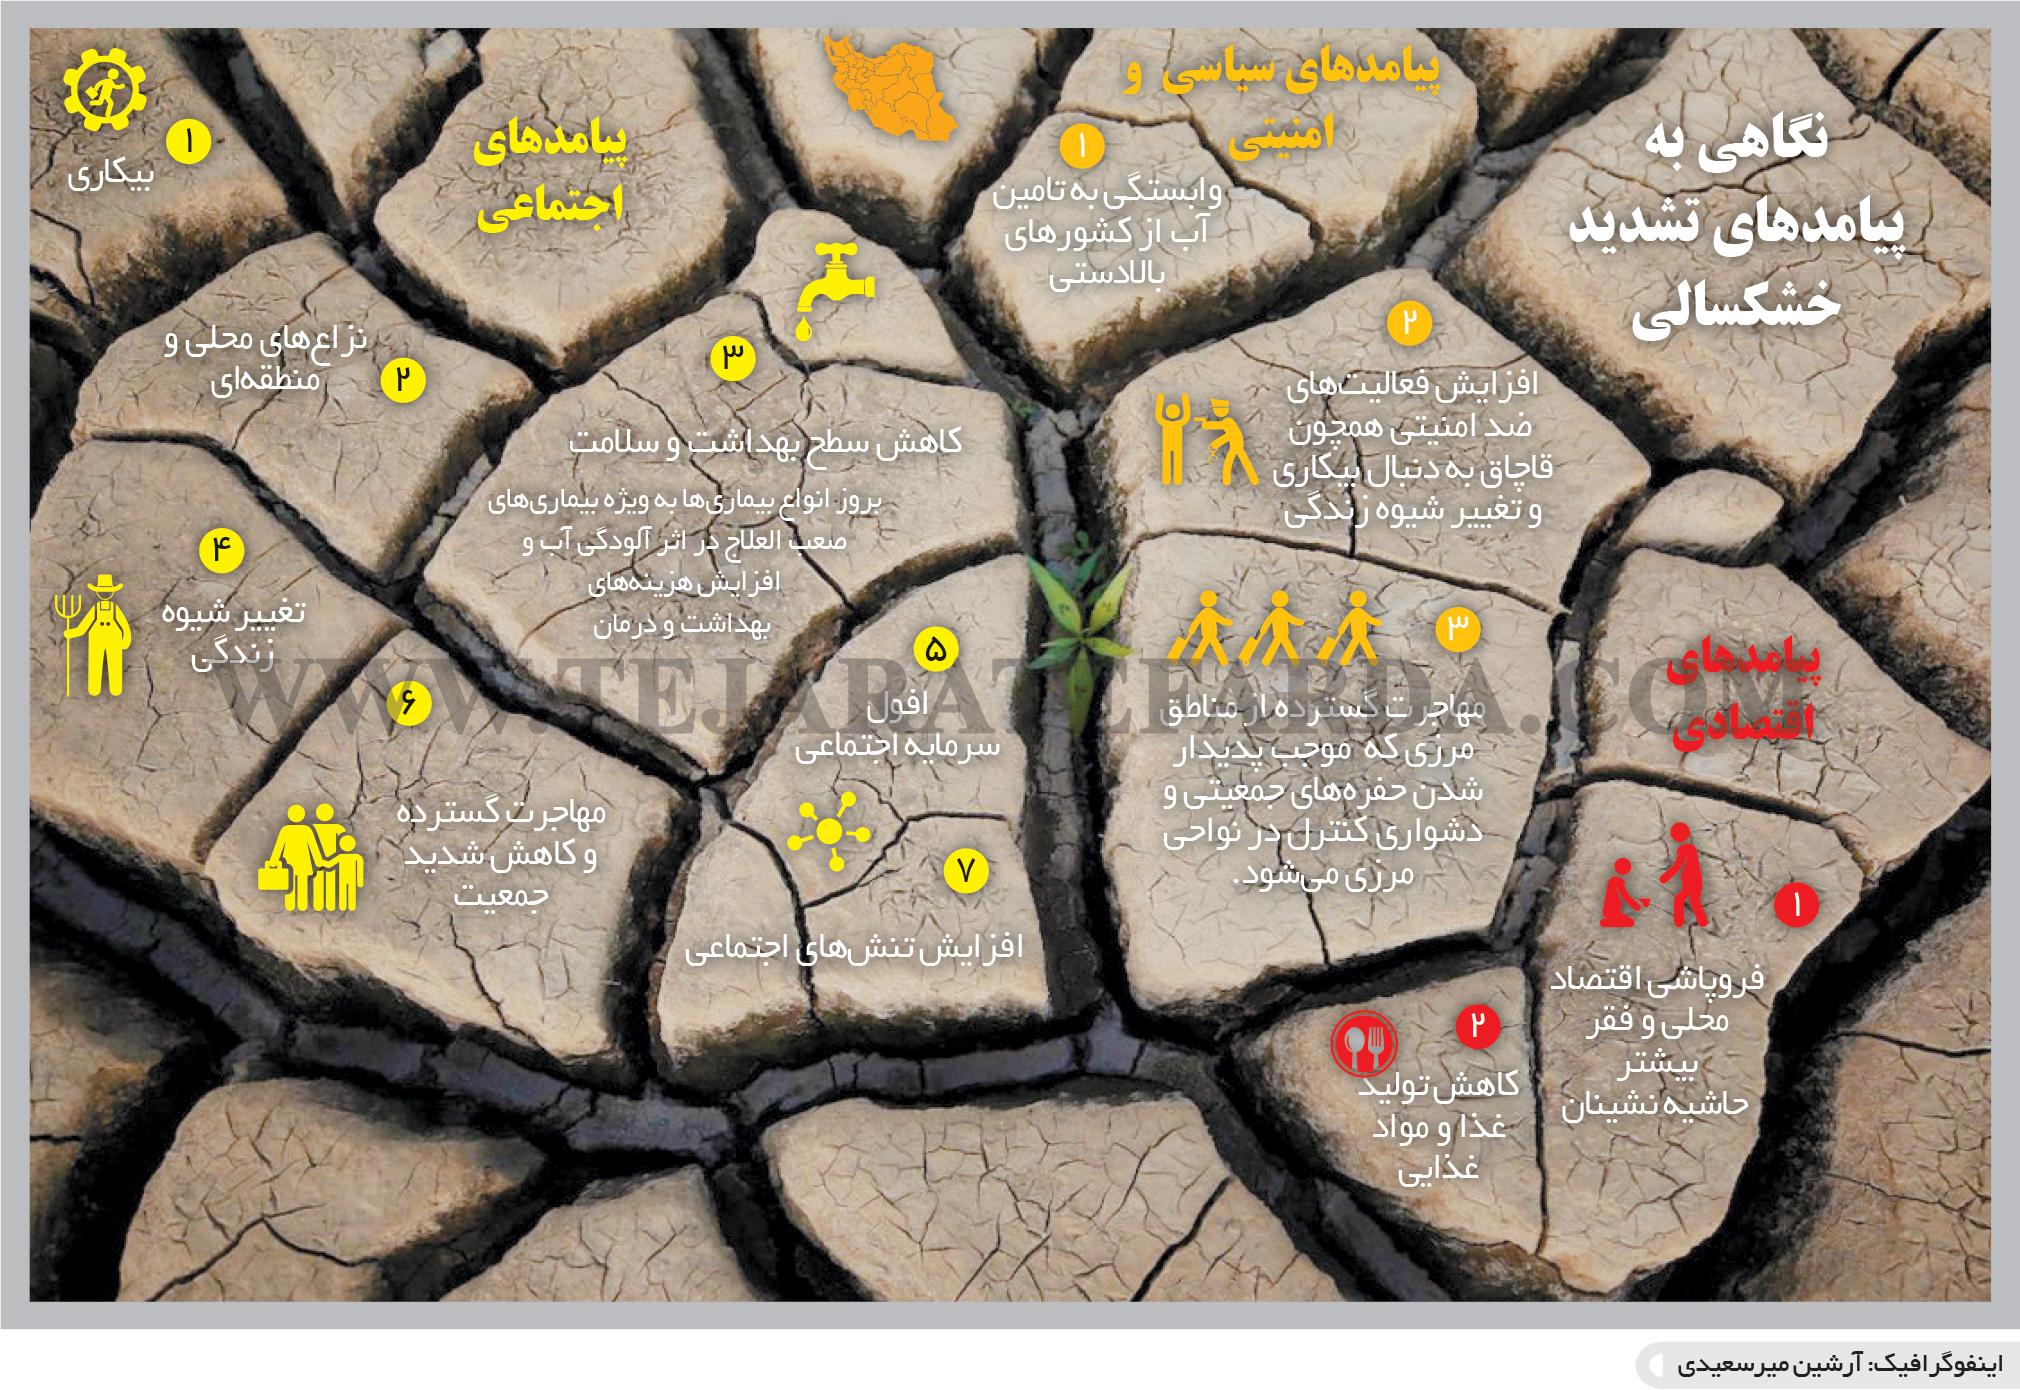 تجارت فردا- اینفوگرافیک- نگاهی به  پیامدهای تشدید  خشکسالی